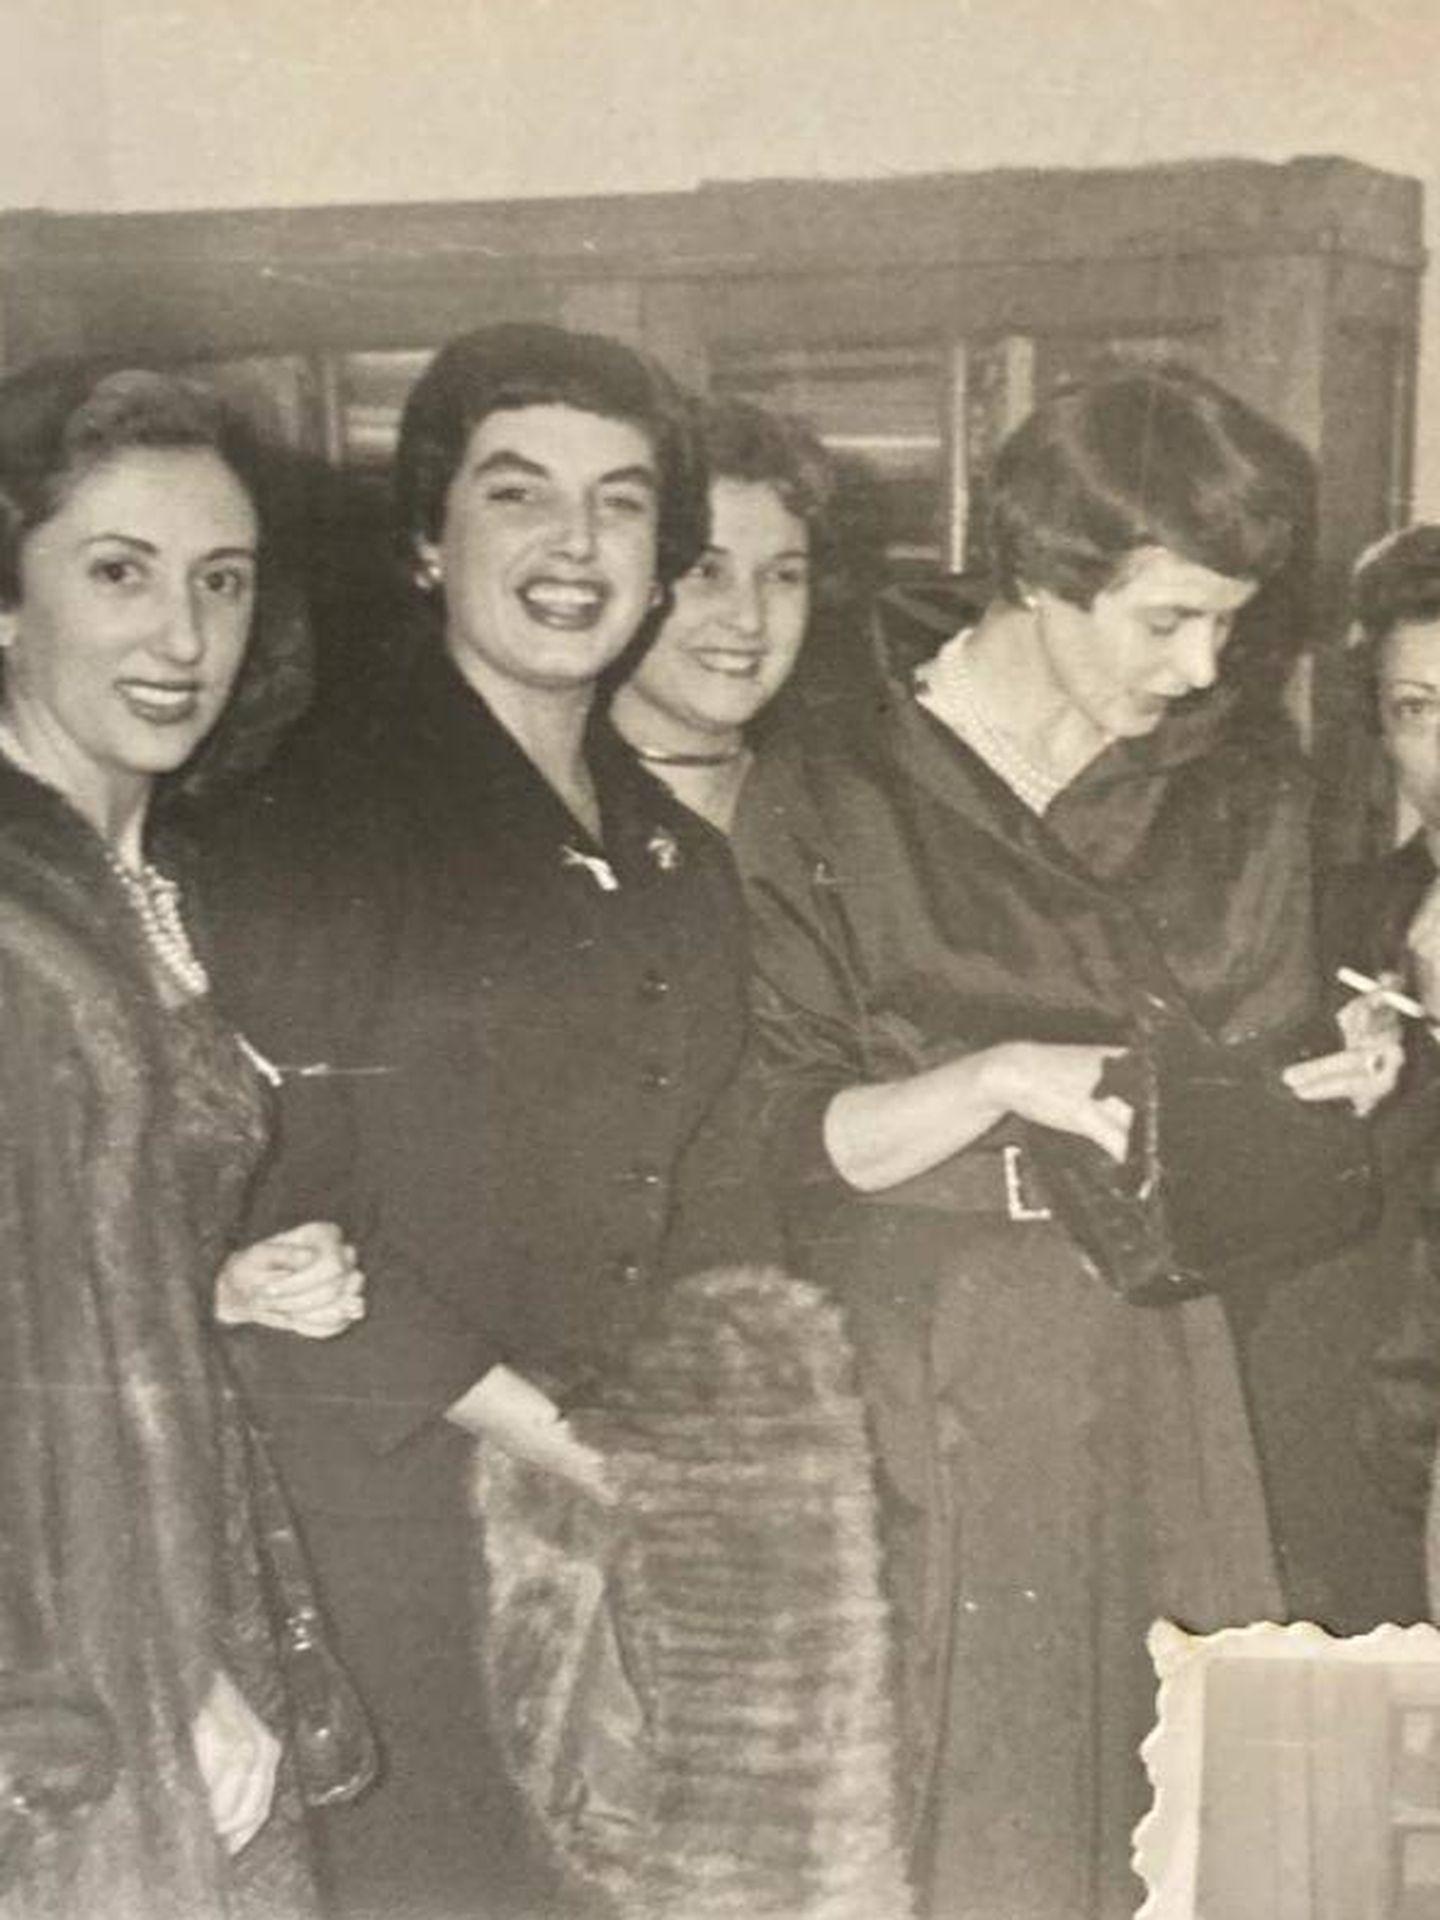 La madre de Pilar Eyre (centro), junto a Ingrid Bergman en una fotografía cedida por la autora.